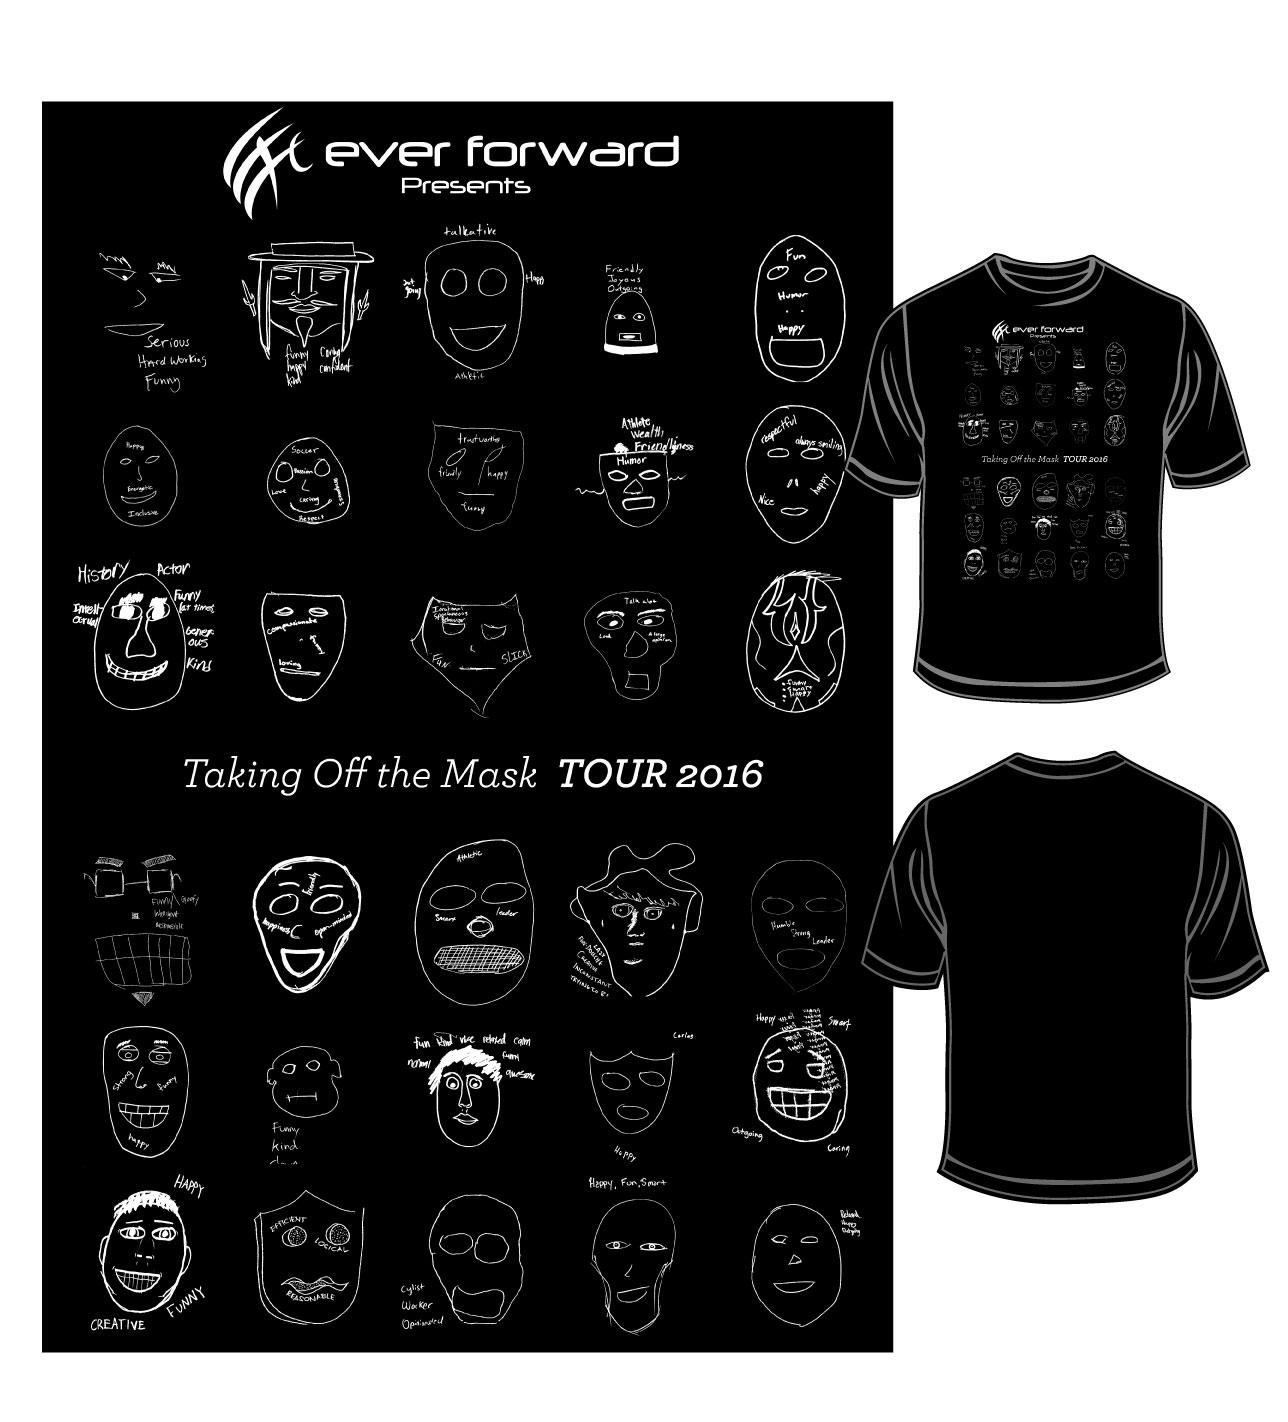 Everforward_Take-off-the-Mask.jpg